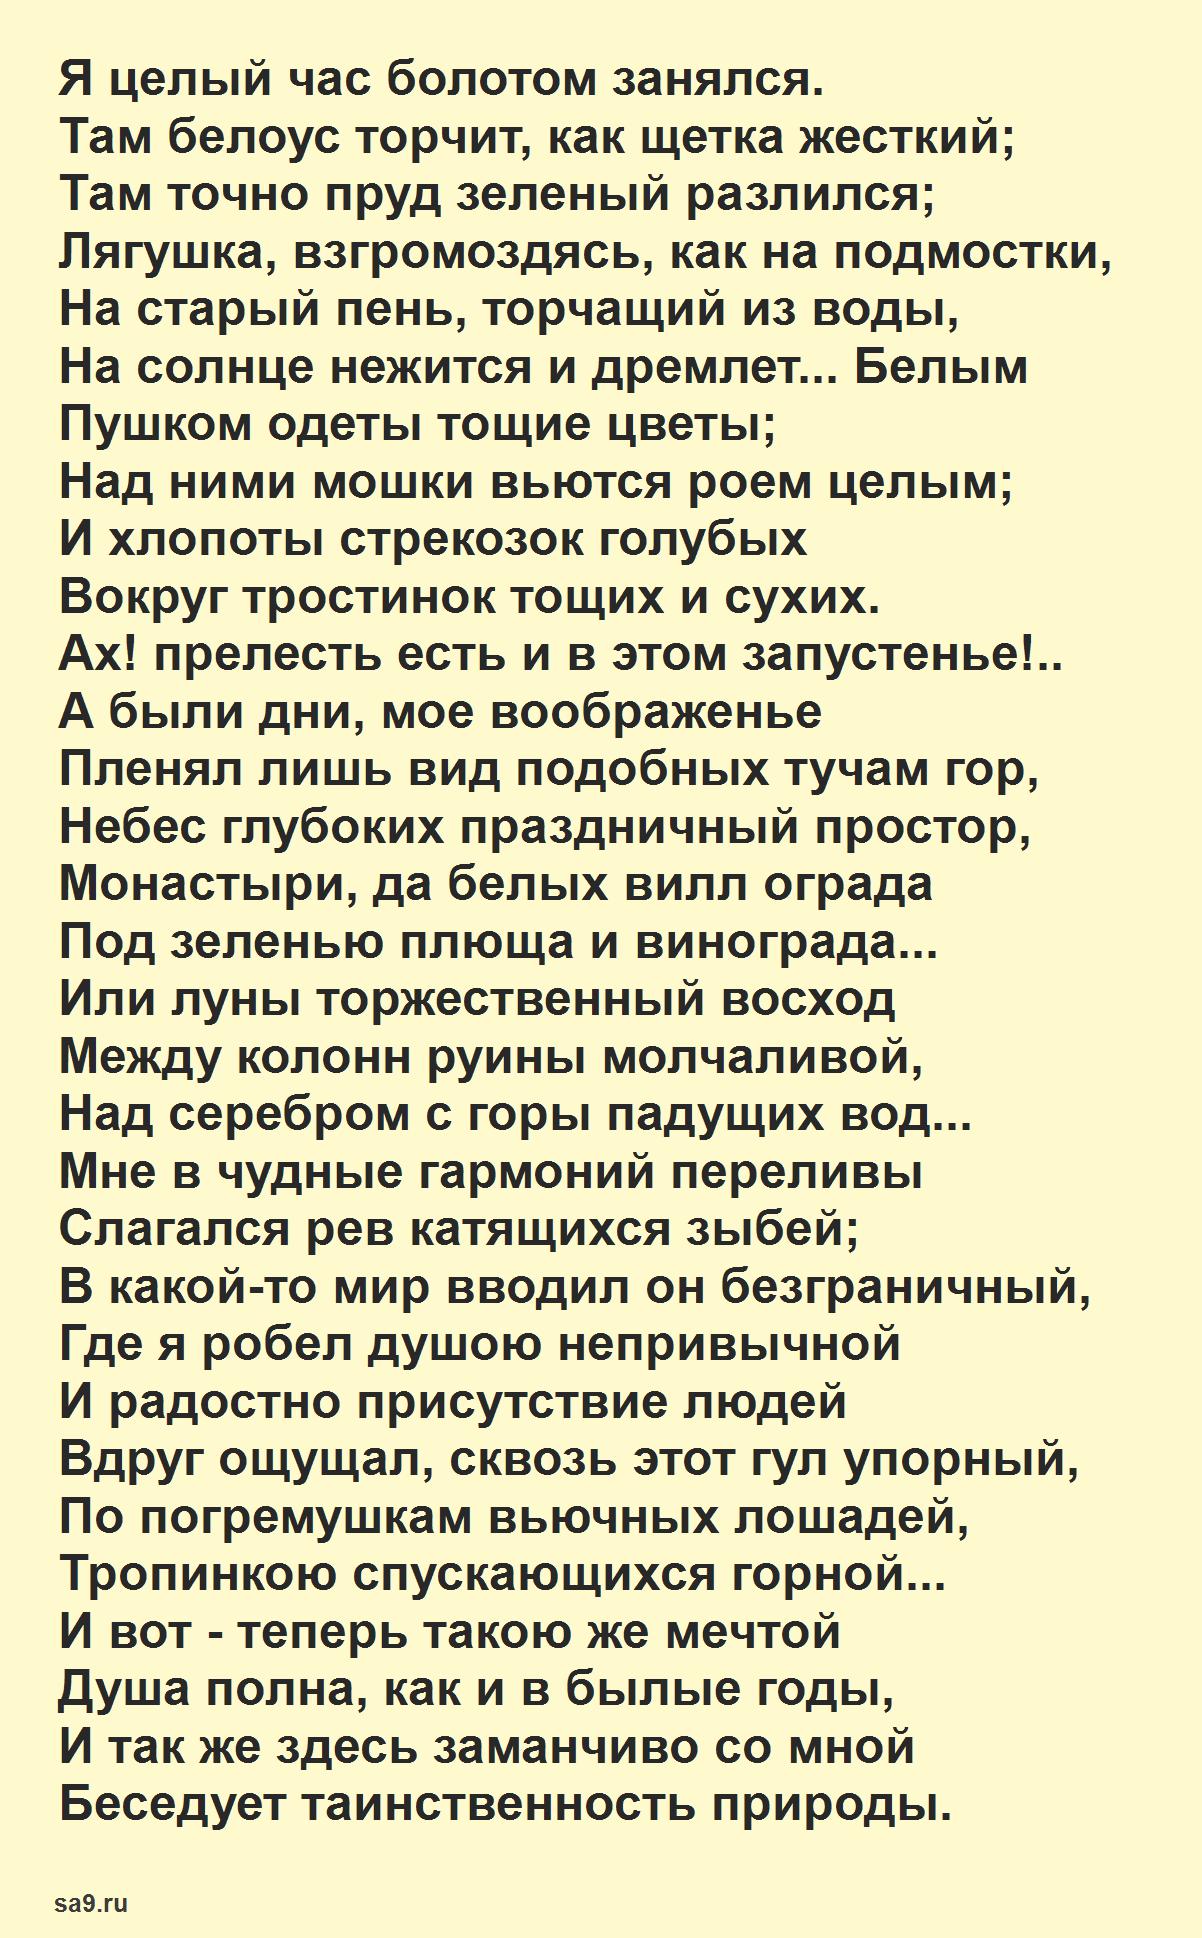 Майков стихи о природе - Болото